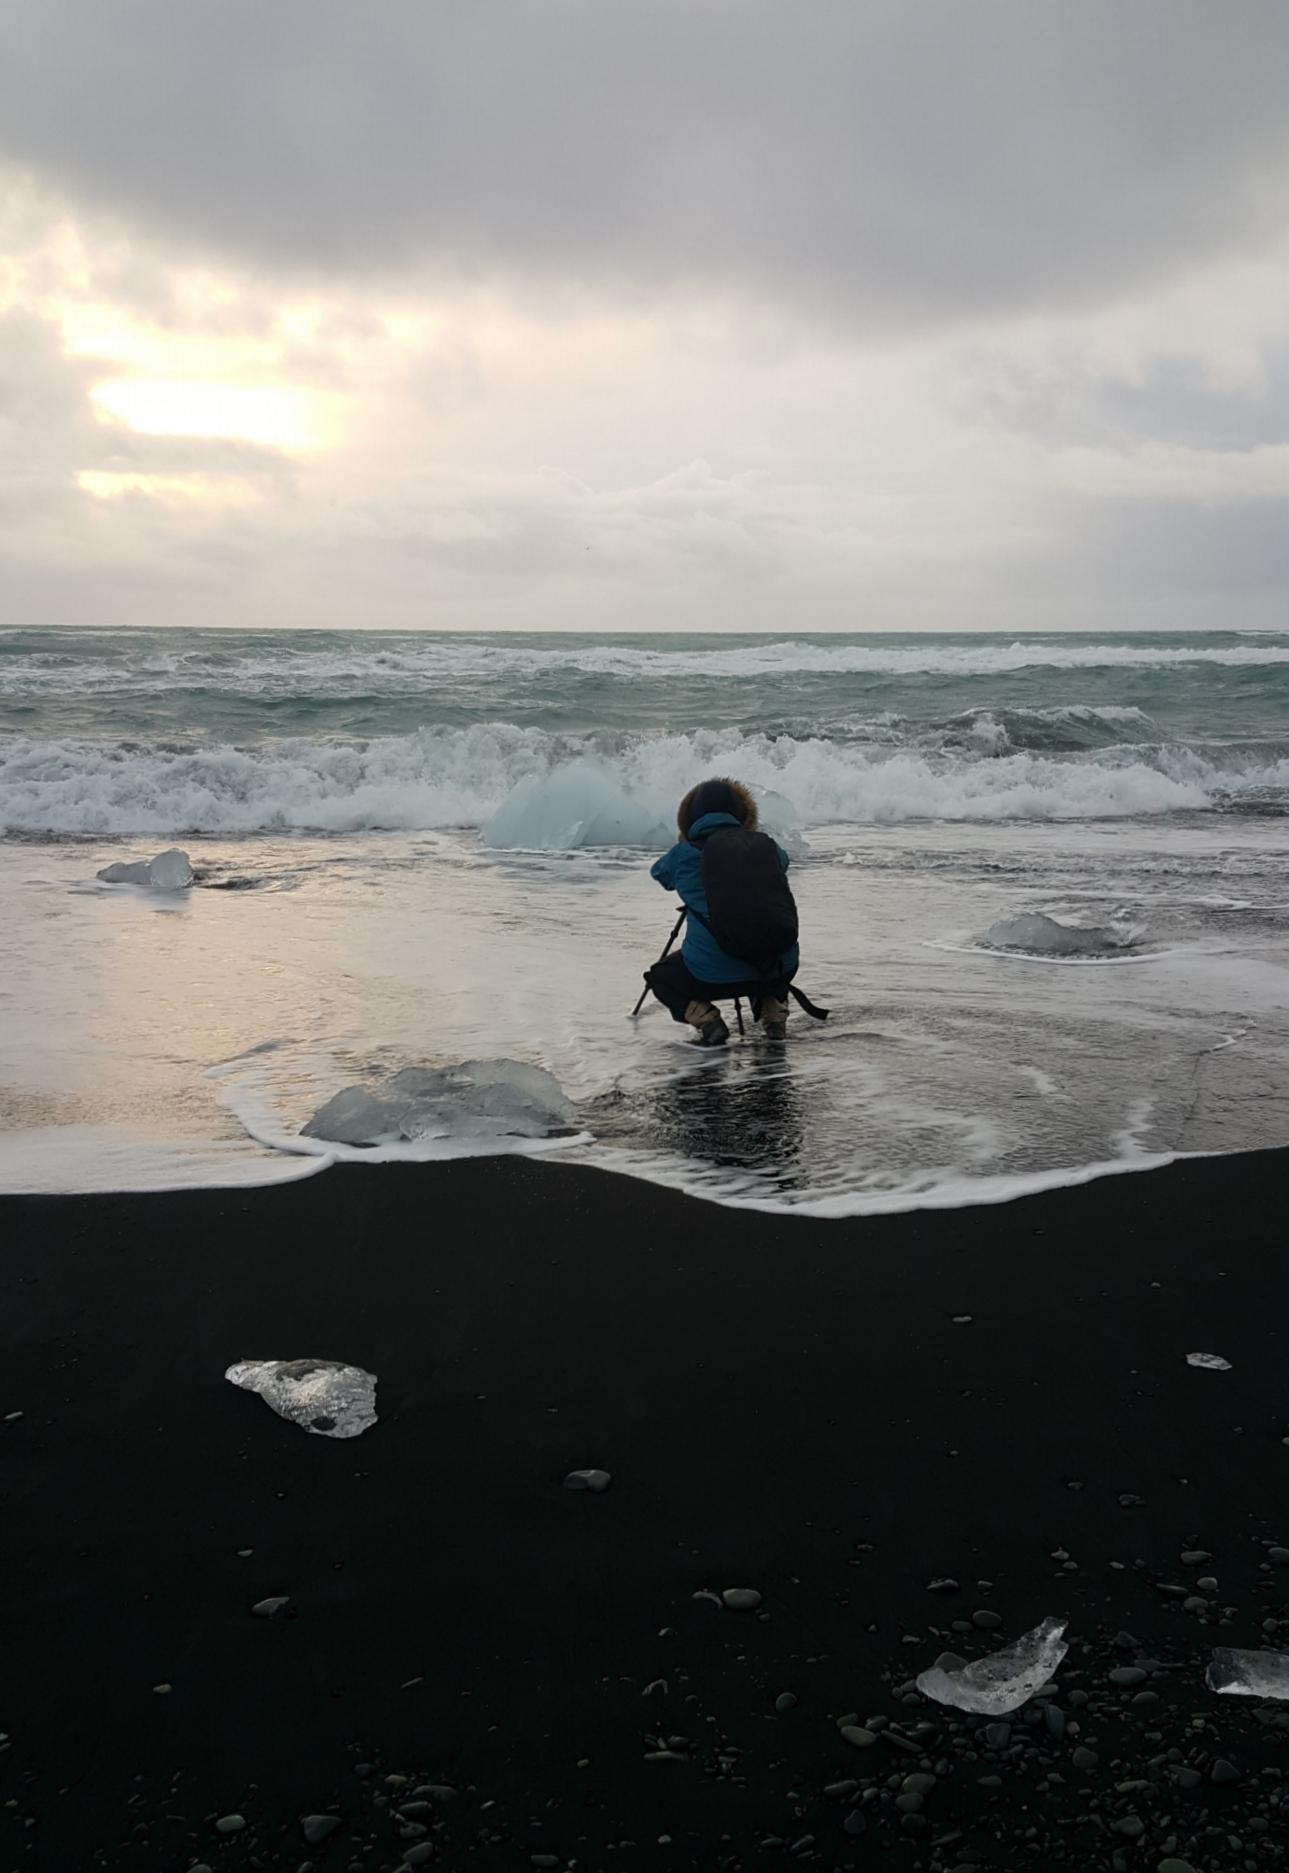 Kimberly i kjent stil på Ice Beach